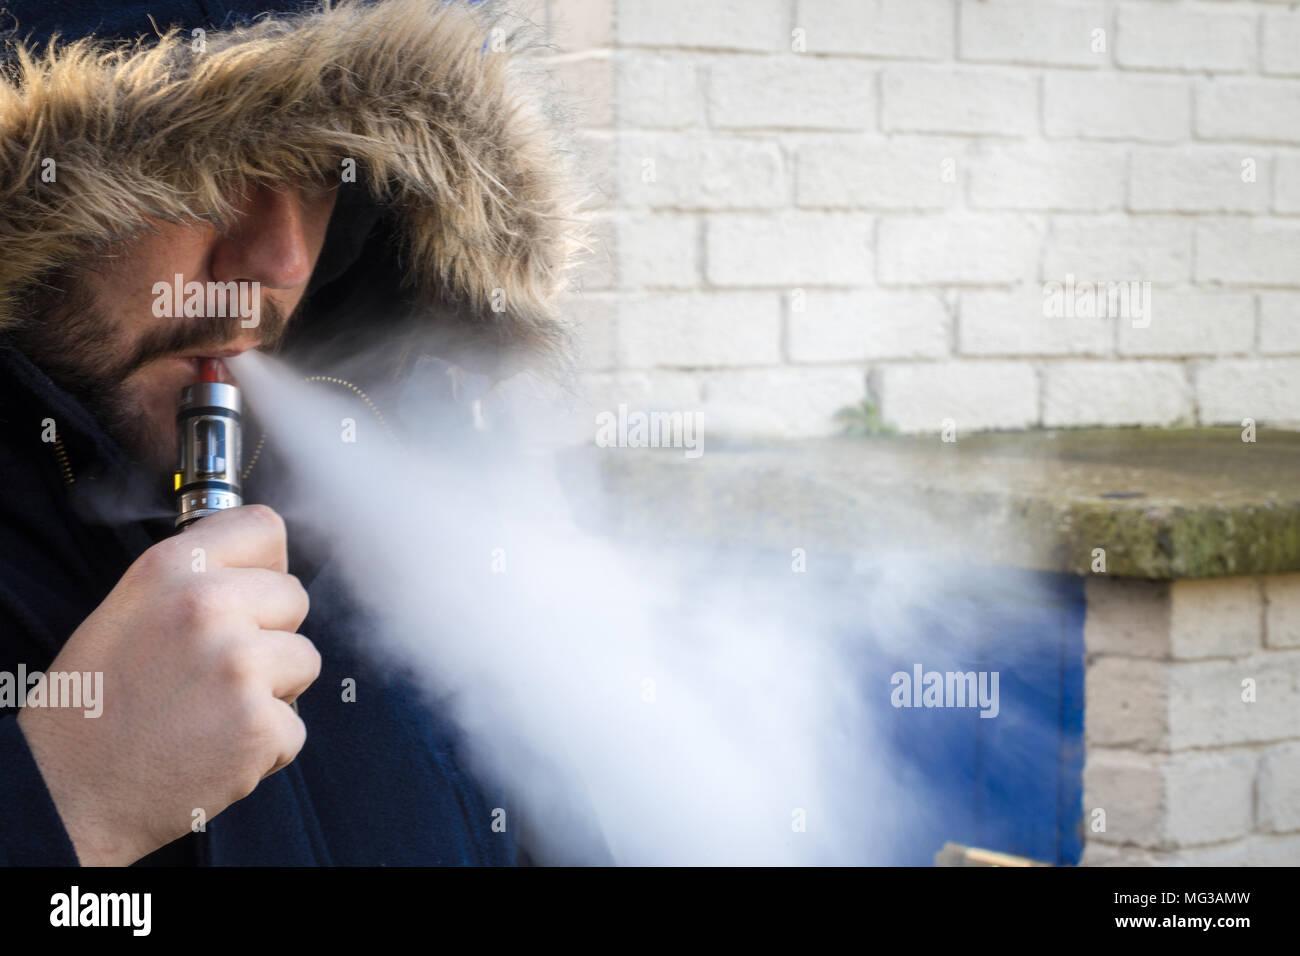 Man vaping, vape cloud with hood up - Stock Image